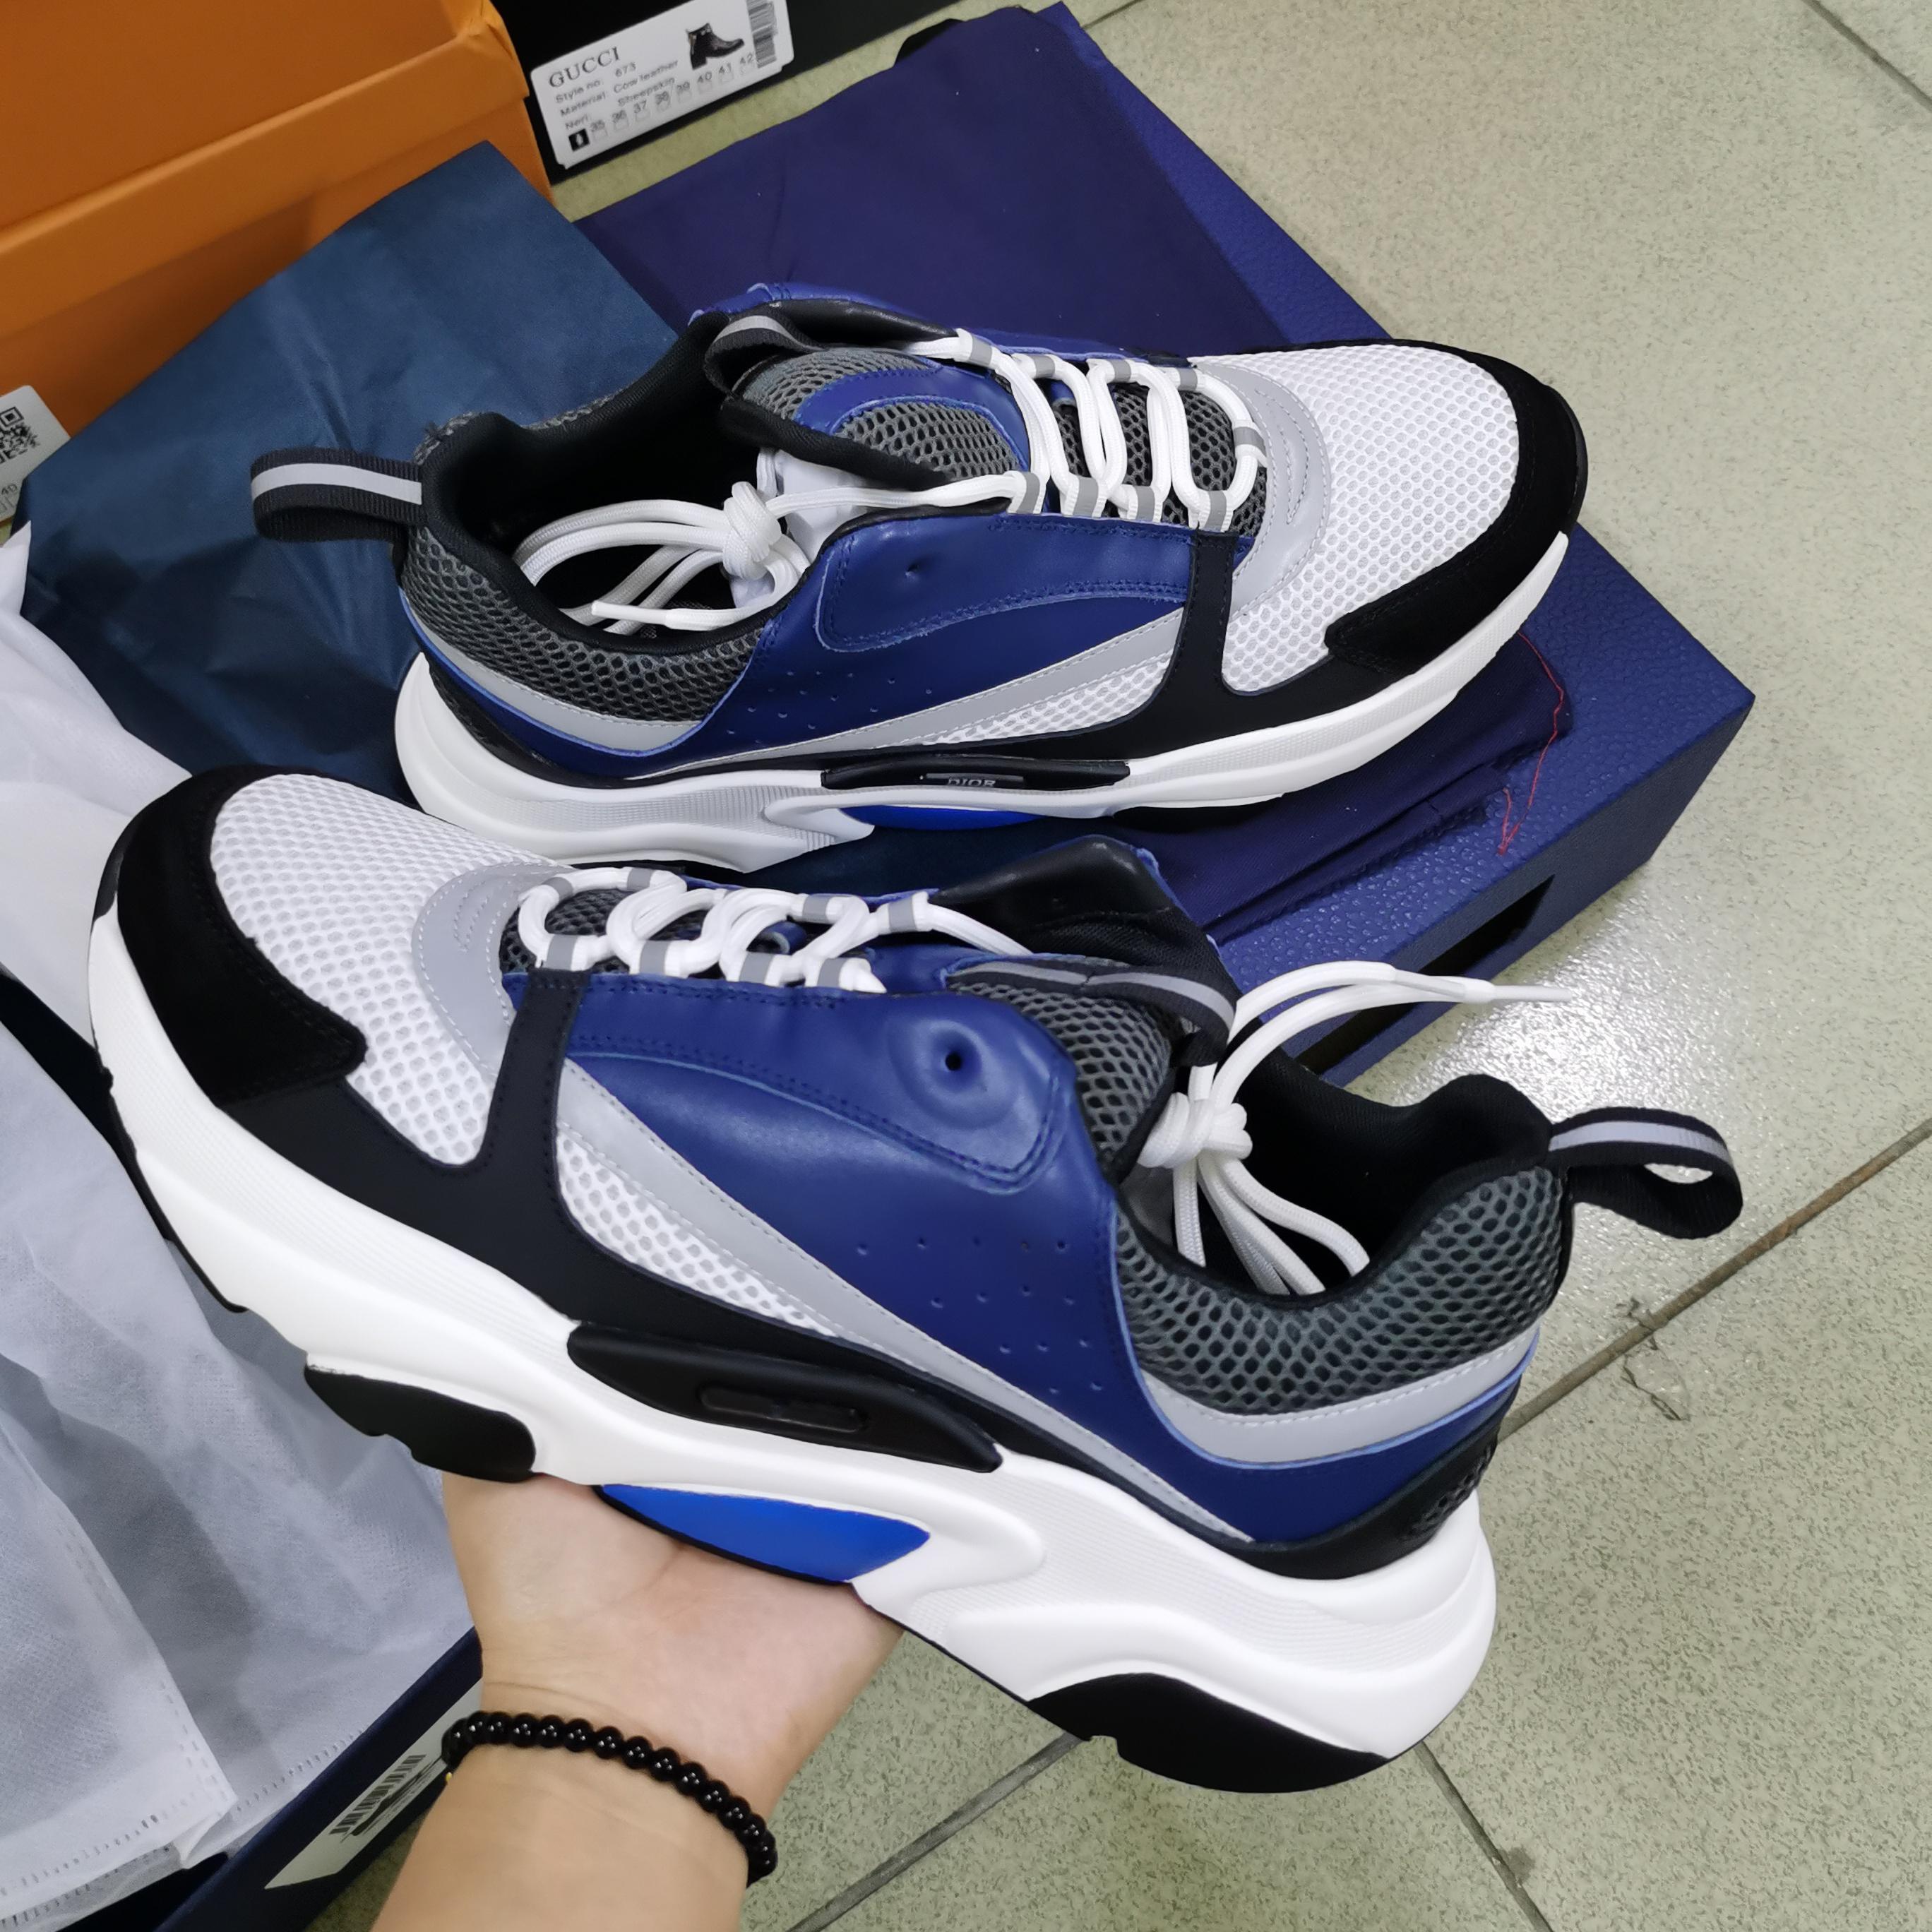 Erkekler Kadınlar B22 Homme Sneaker Yansıtıcı Hava Sneakers Platformu Ayakkabı Canvas Dana derisi Kutusu ile Eğitmenler Mavi Kadınlar Dantel-up Casual ayakkabılar yazdır